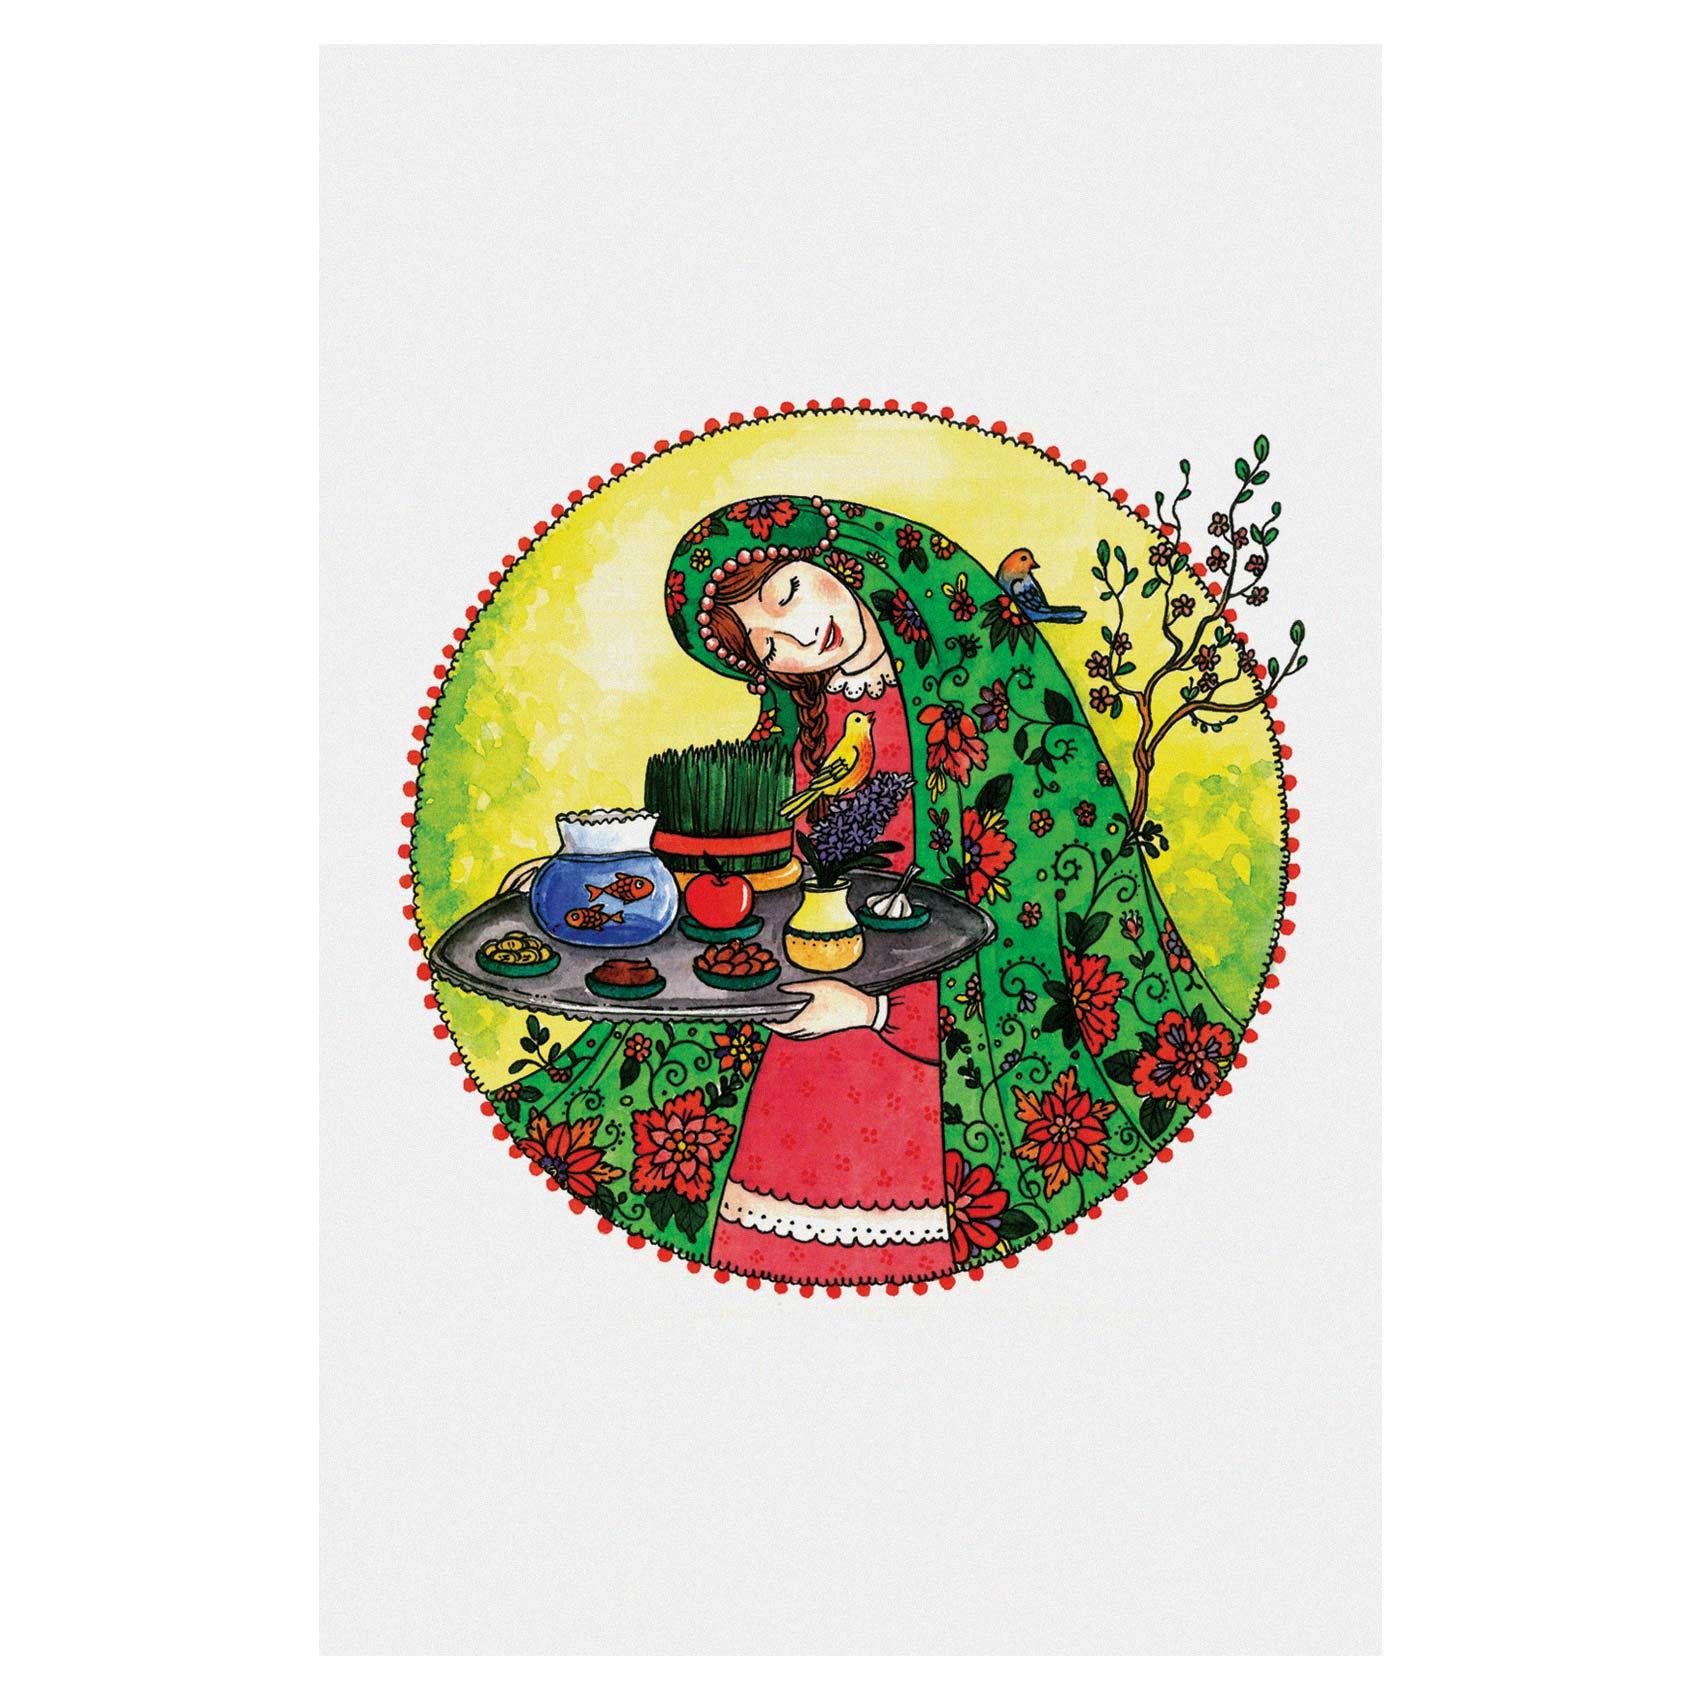 کارت پستال انتشارات سیبان مدل سینی هفت سین